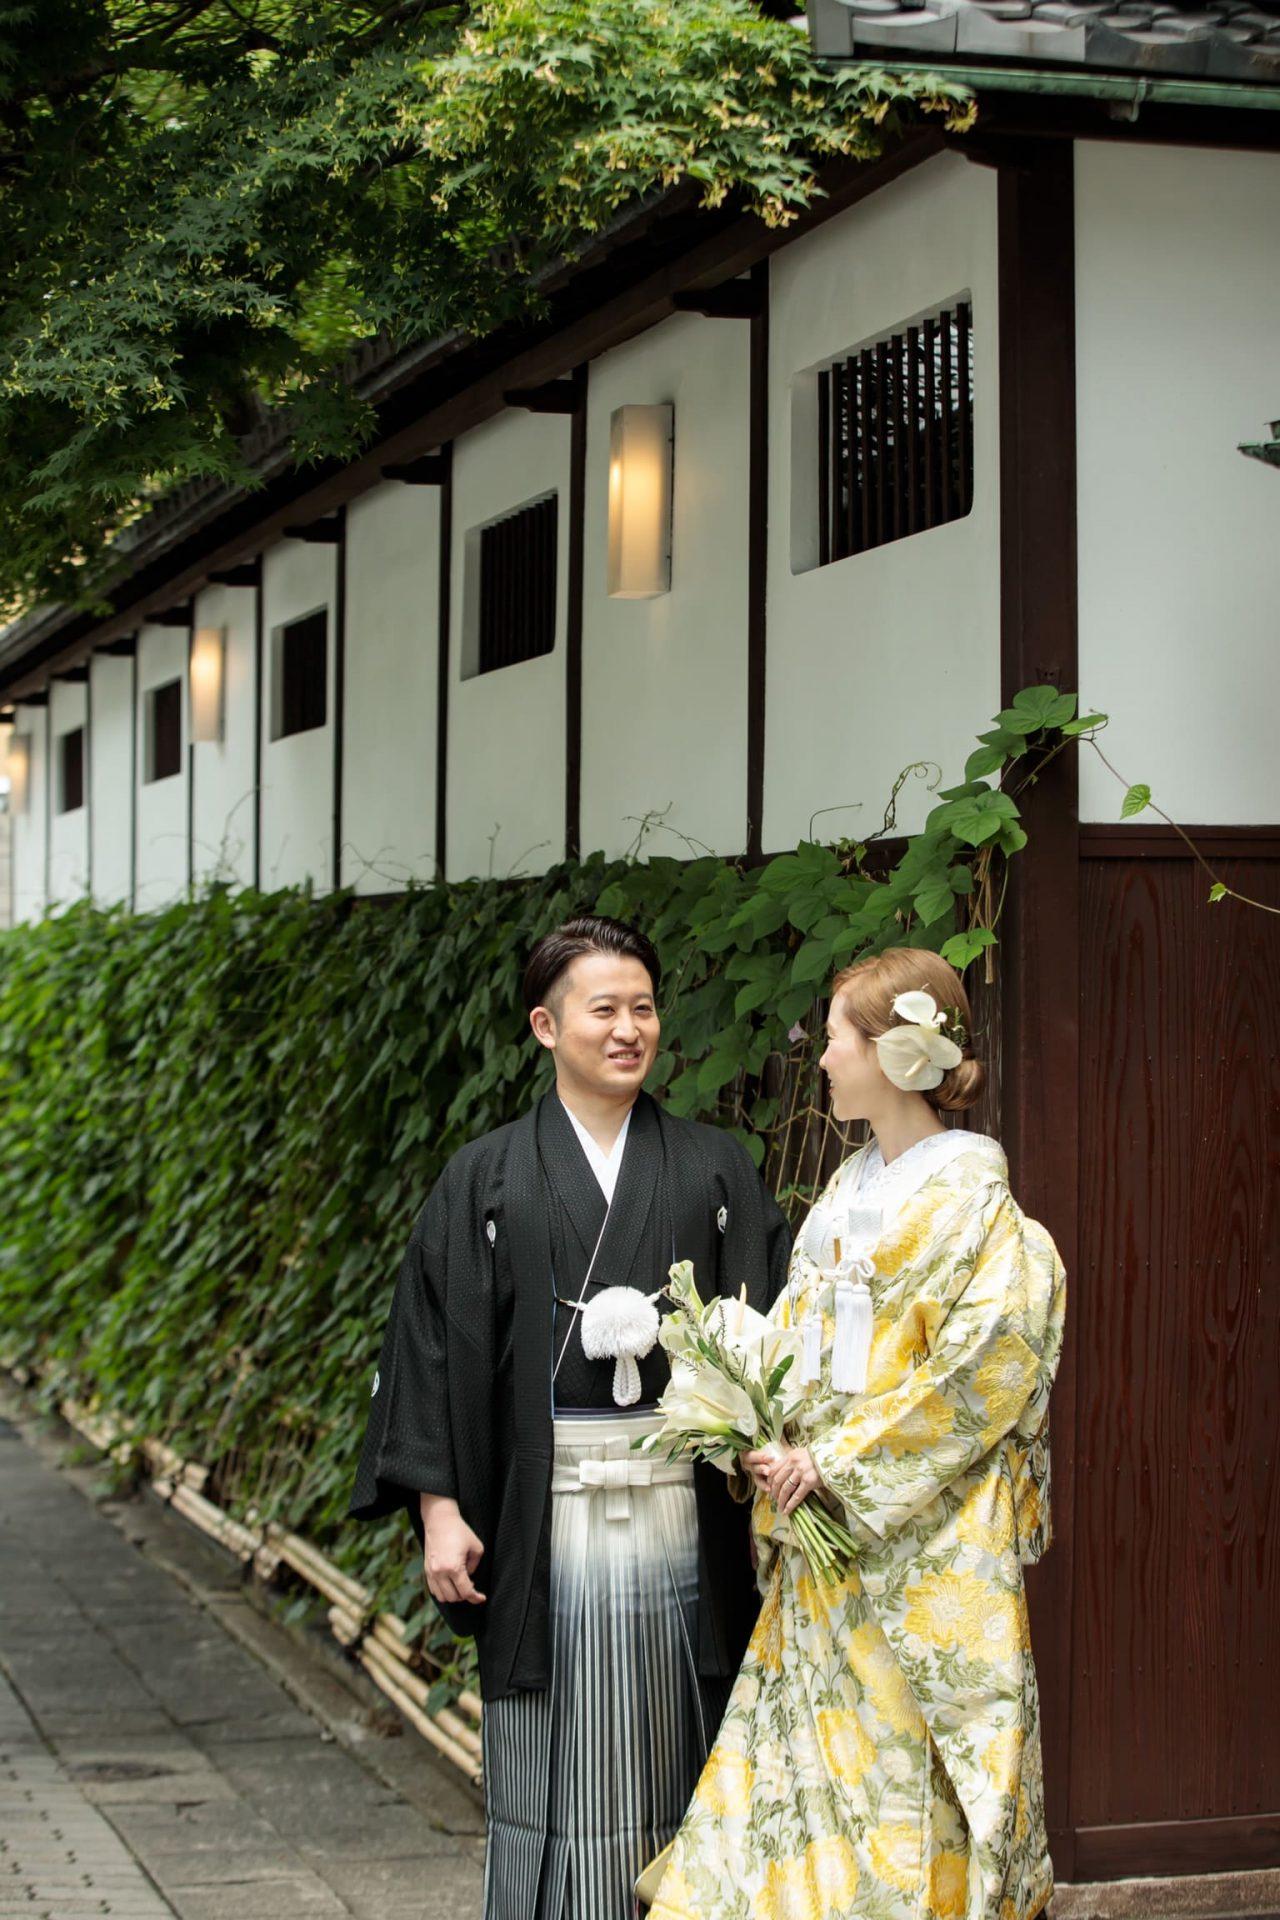 ザトリートドレッシング名古屋店から前撮りにおすすめの色打掛